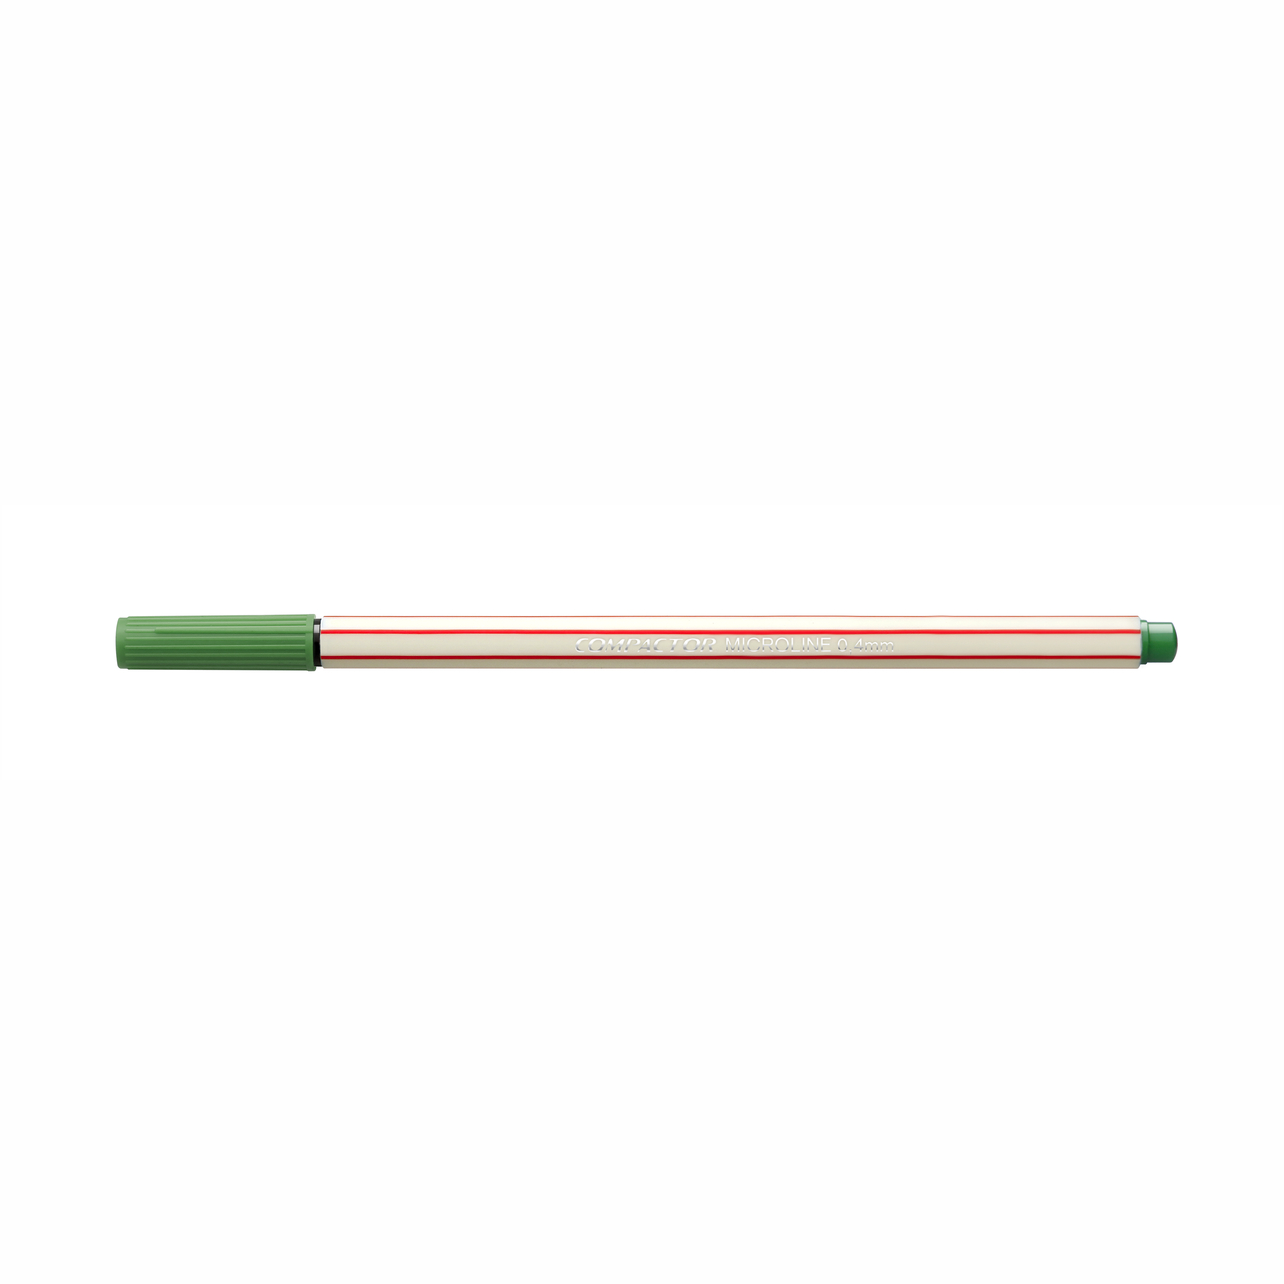 Caneta Hidrográfica 0.4 verde MICROLINE Compactor